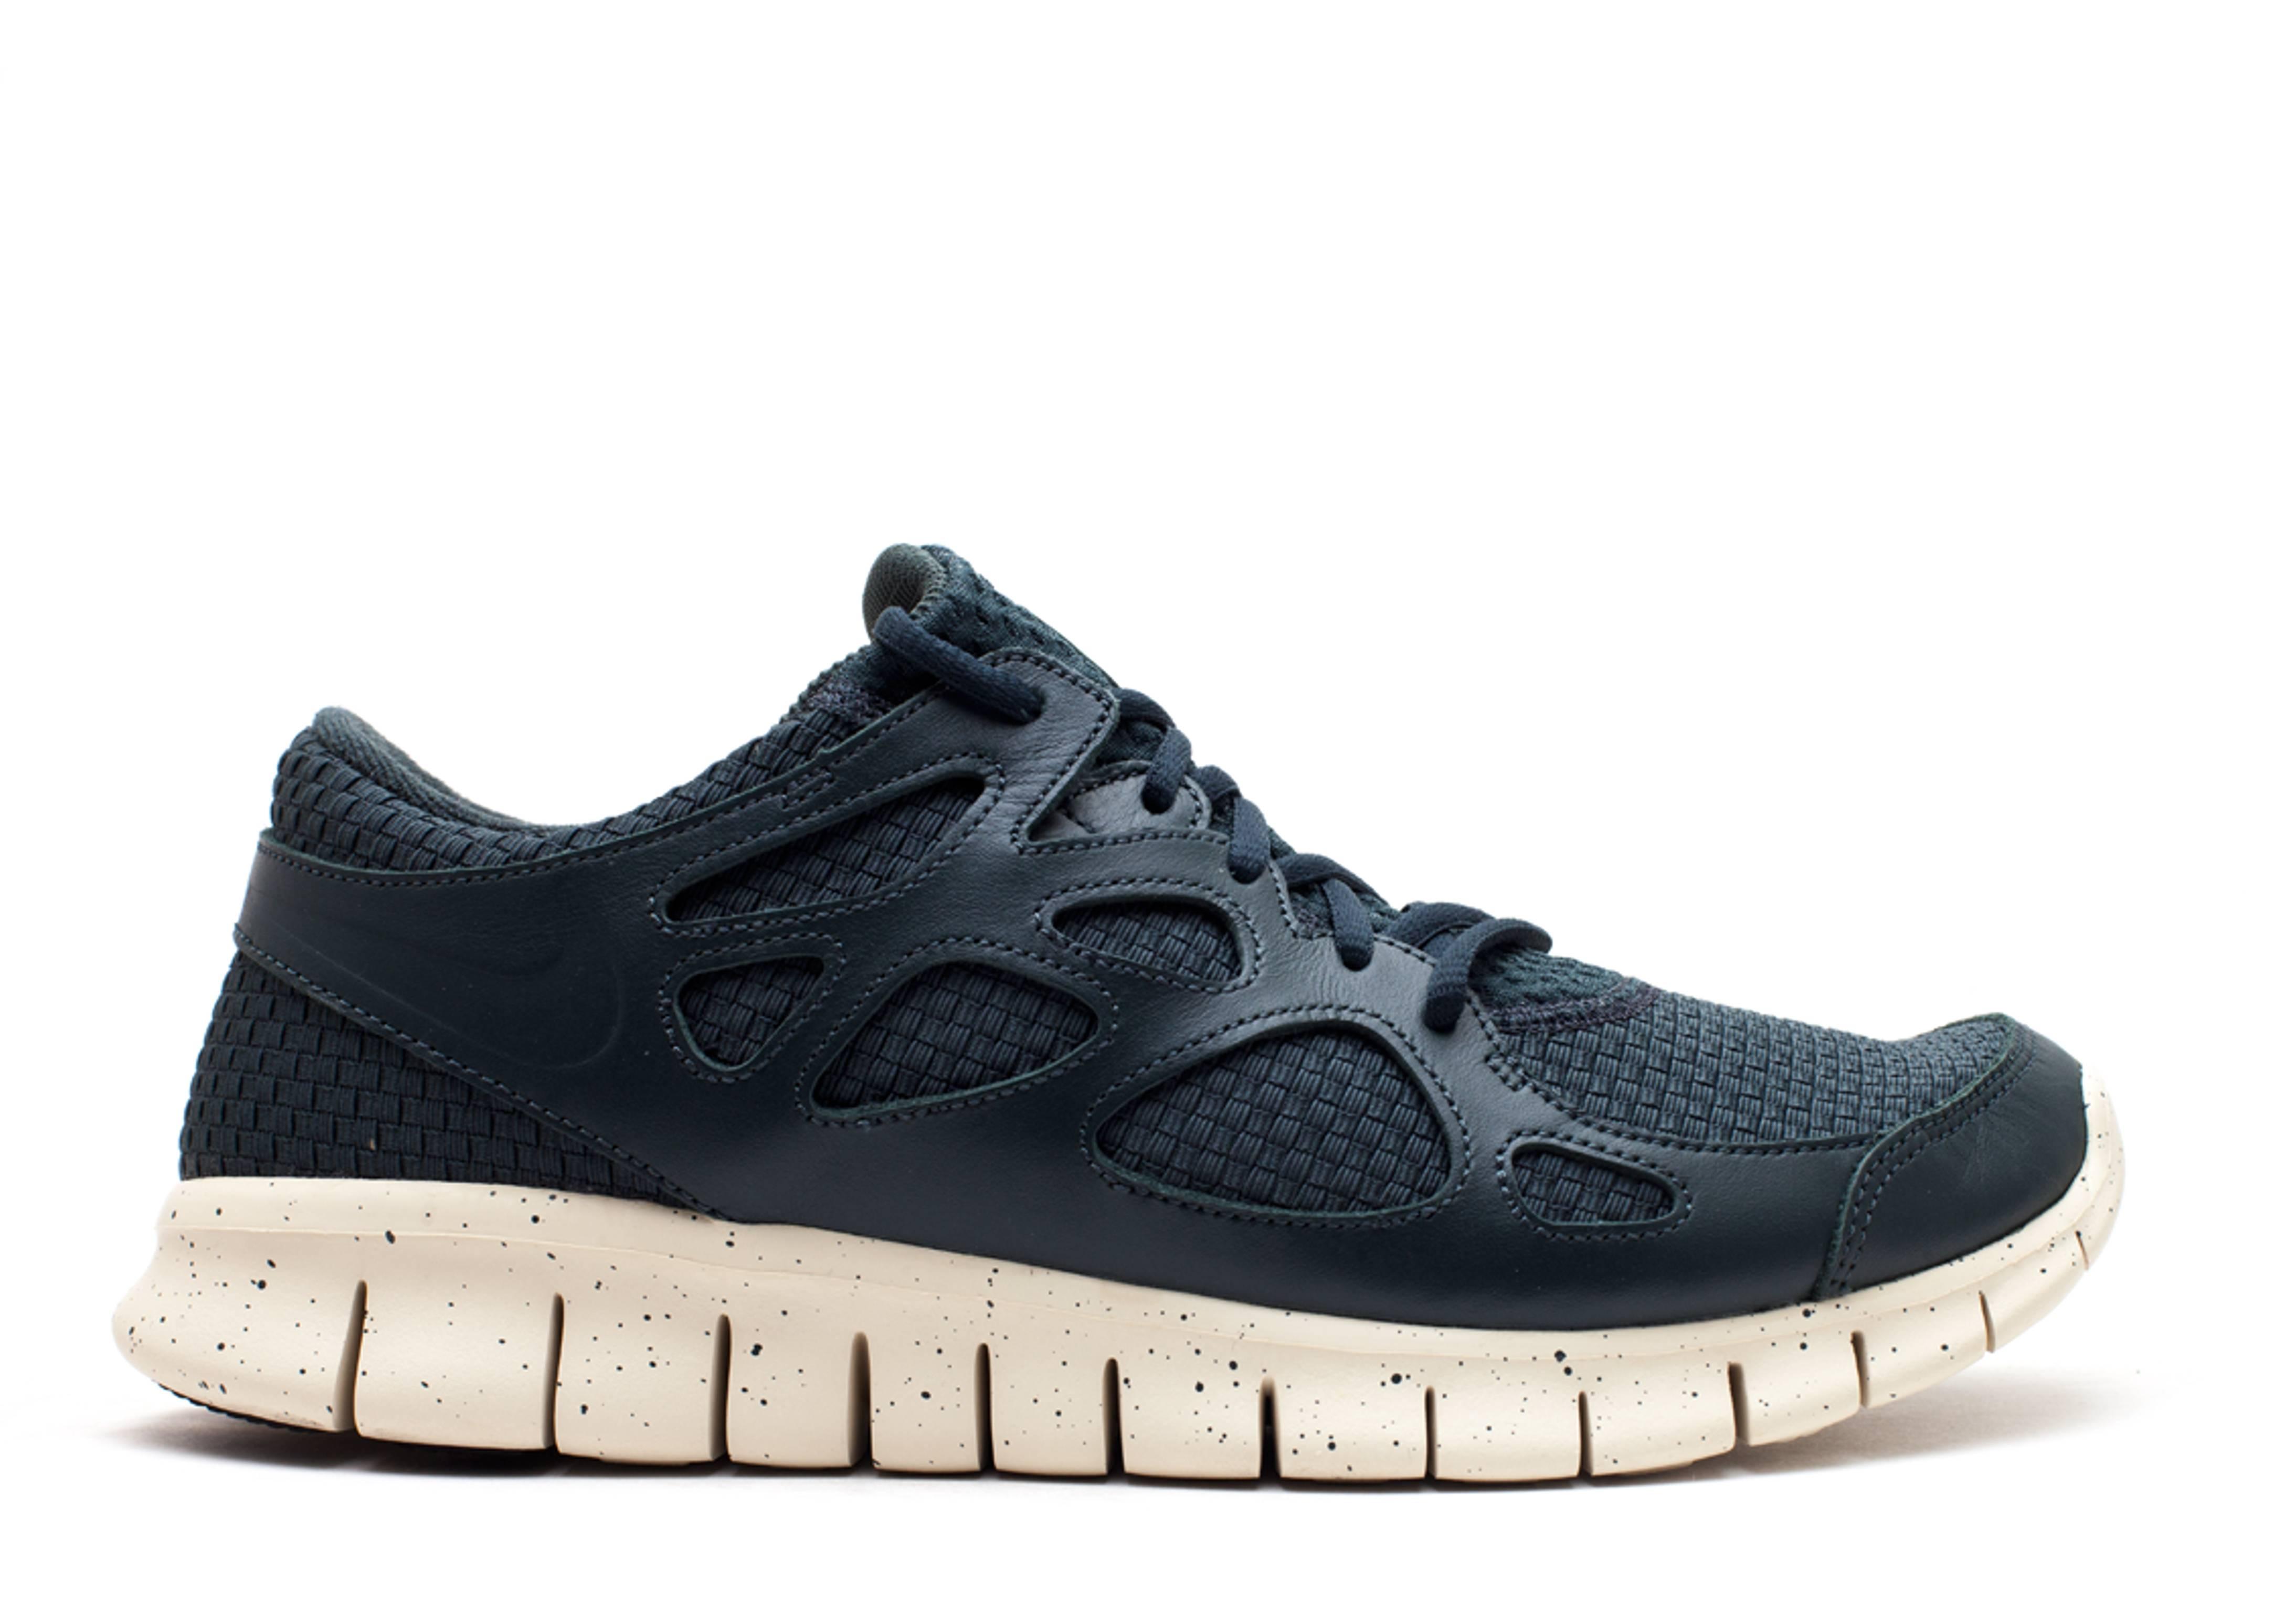 695a6a76cc9 Free Run (+2) Wvn Ltr Nrg - Nike - 553280 331 - seaweed/seaweed ...